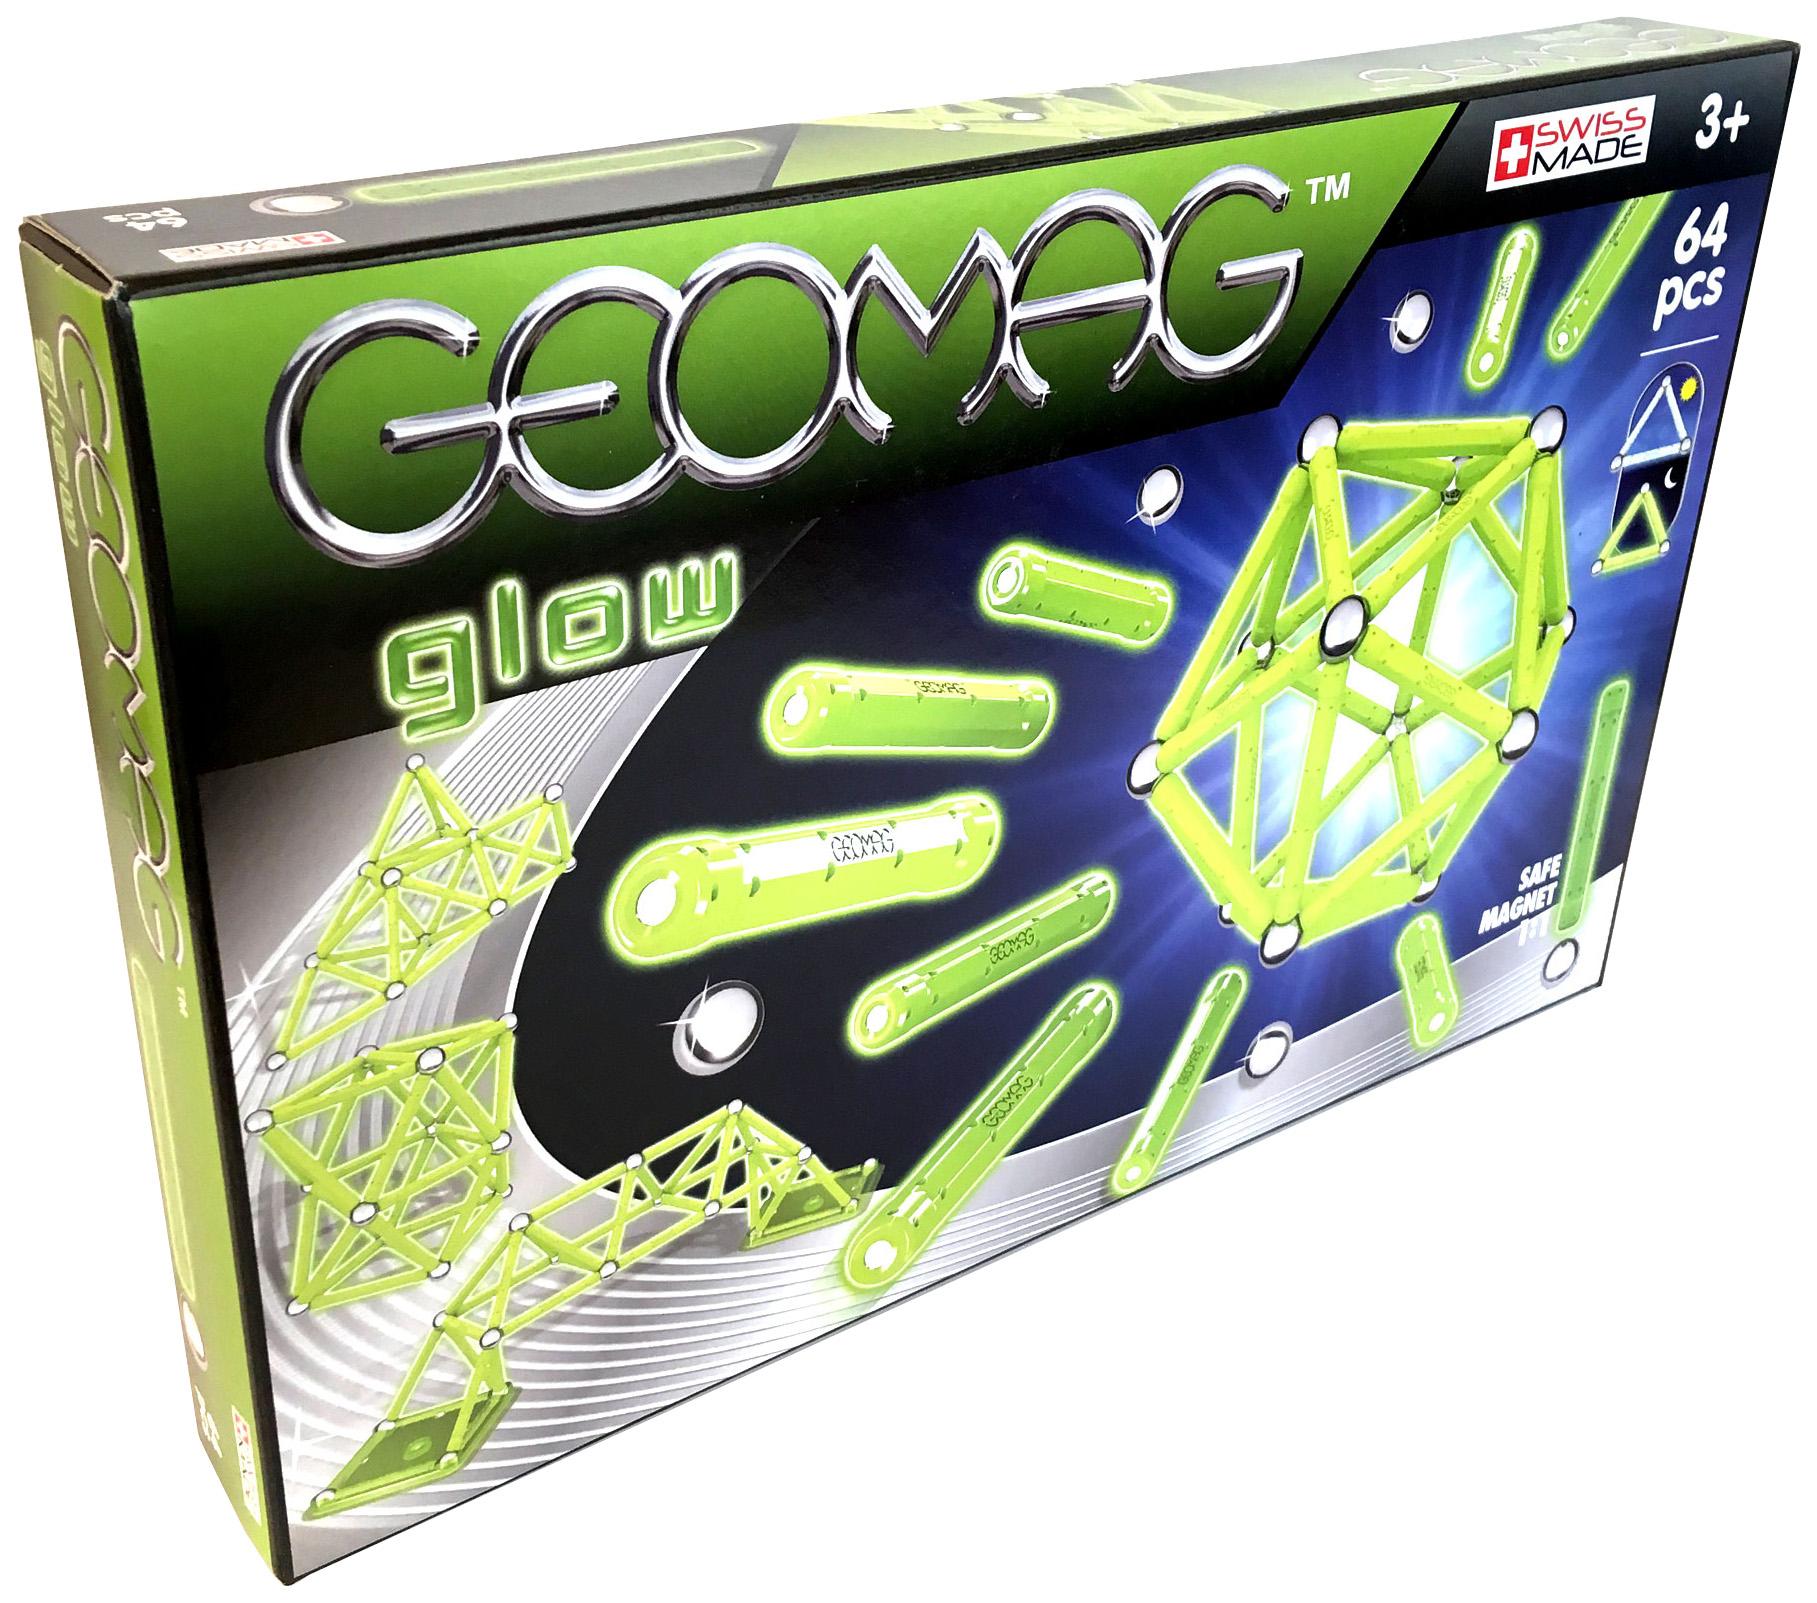 Купить Конструктор магнитный GEOMAG Glow 336 64 детали, Магнитные конструкторы